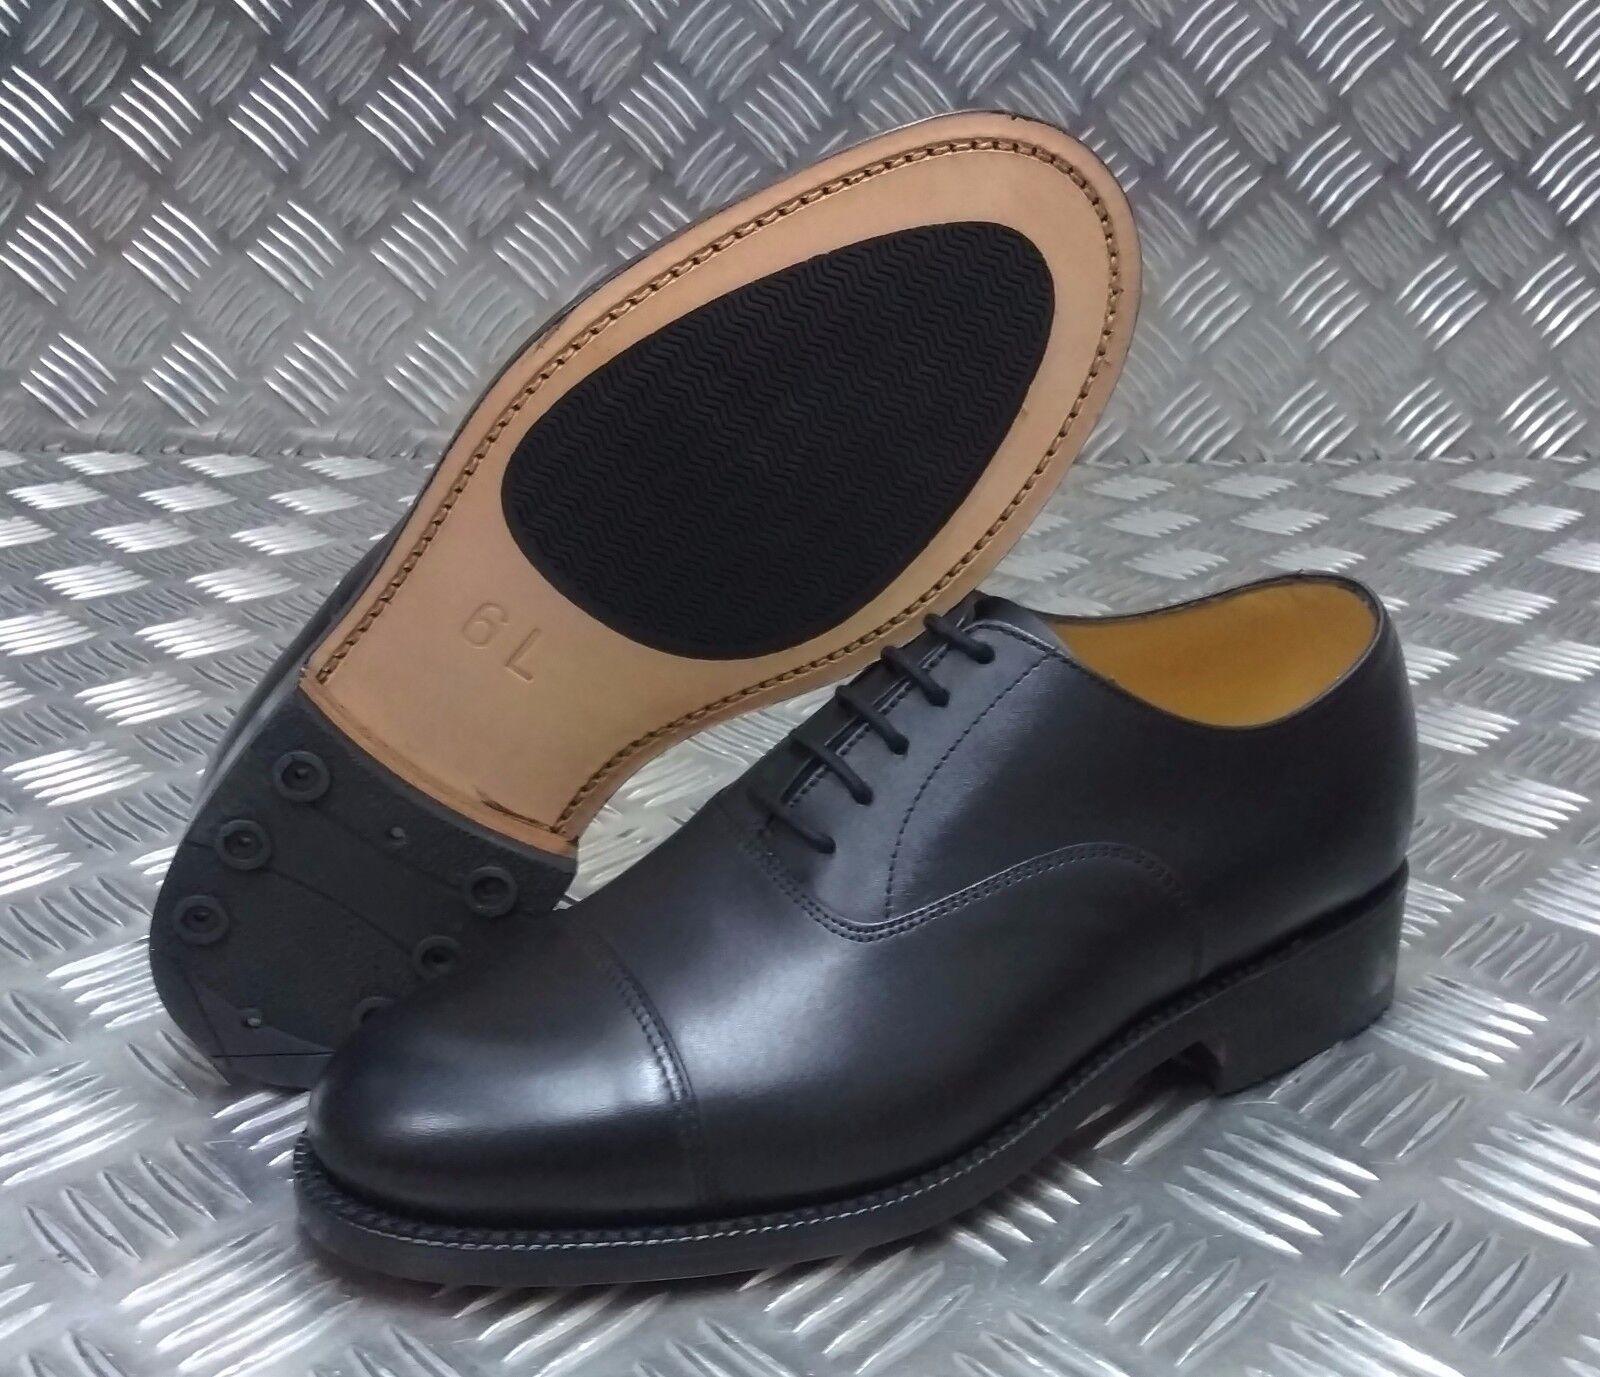 Echt British Military schwarzes Leder Service Schuhe Stahlkappen Größe 6L - NEU